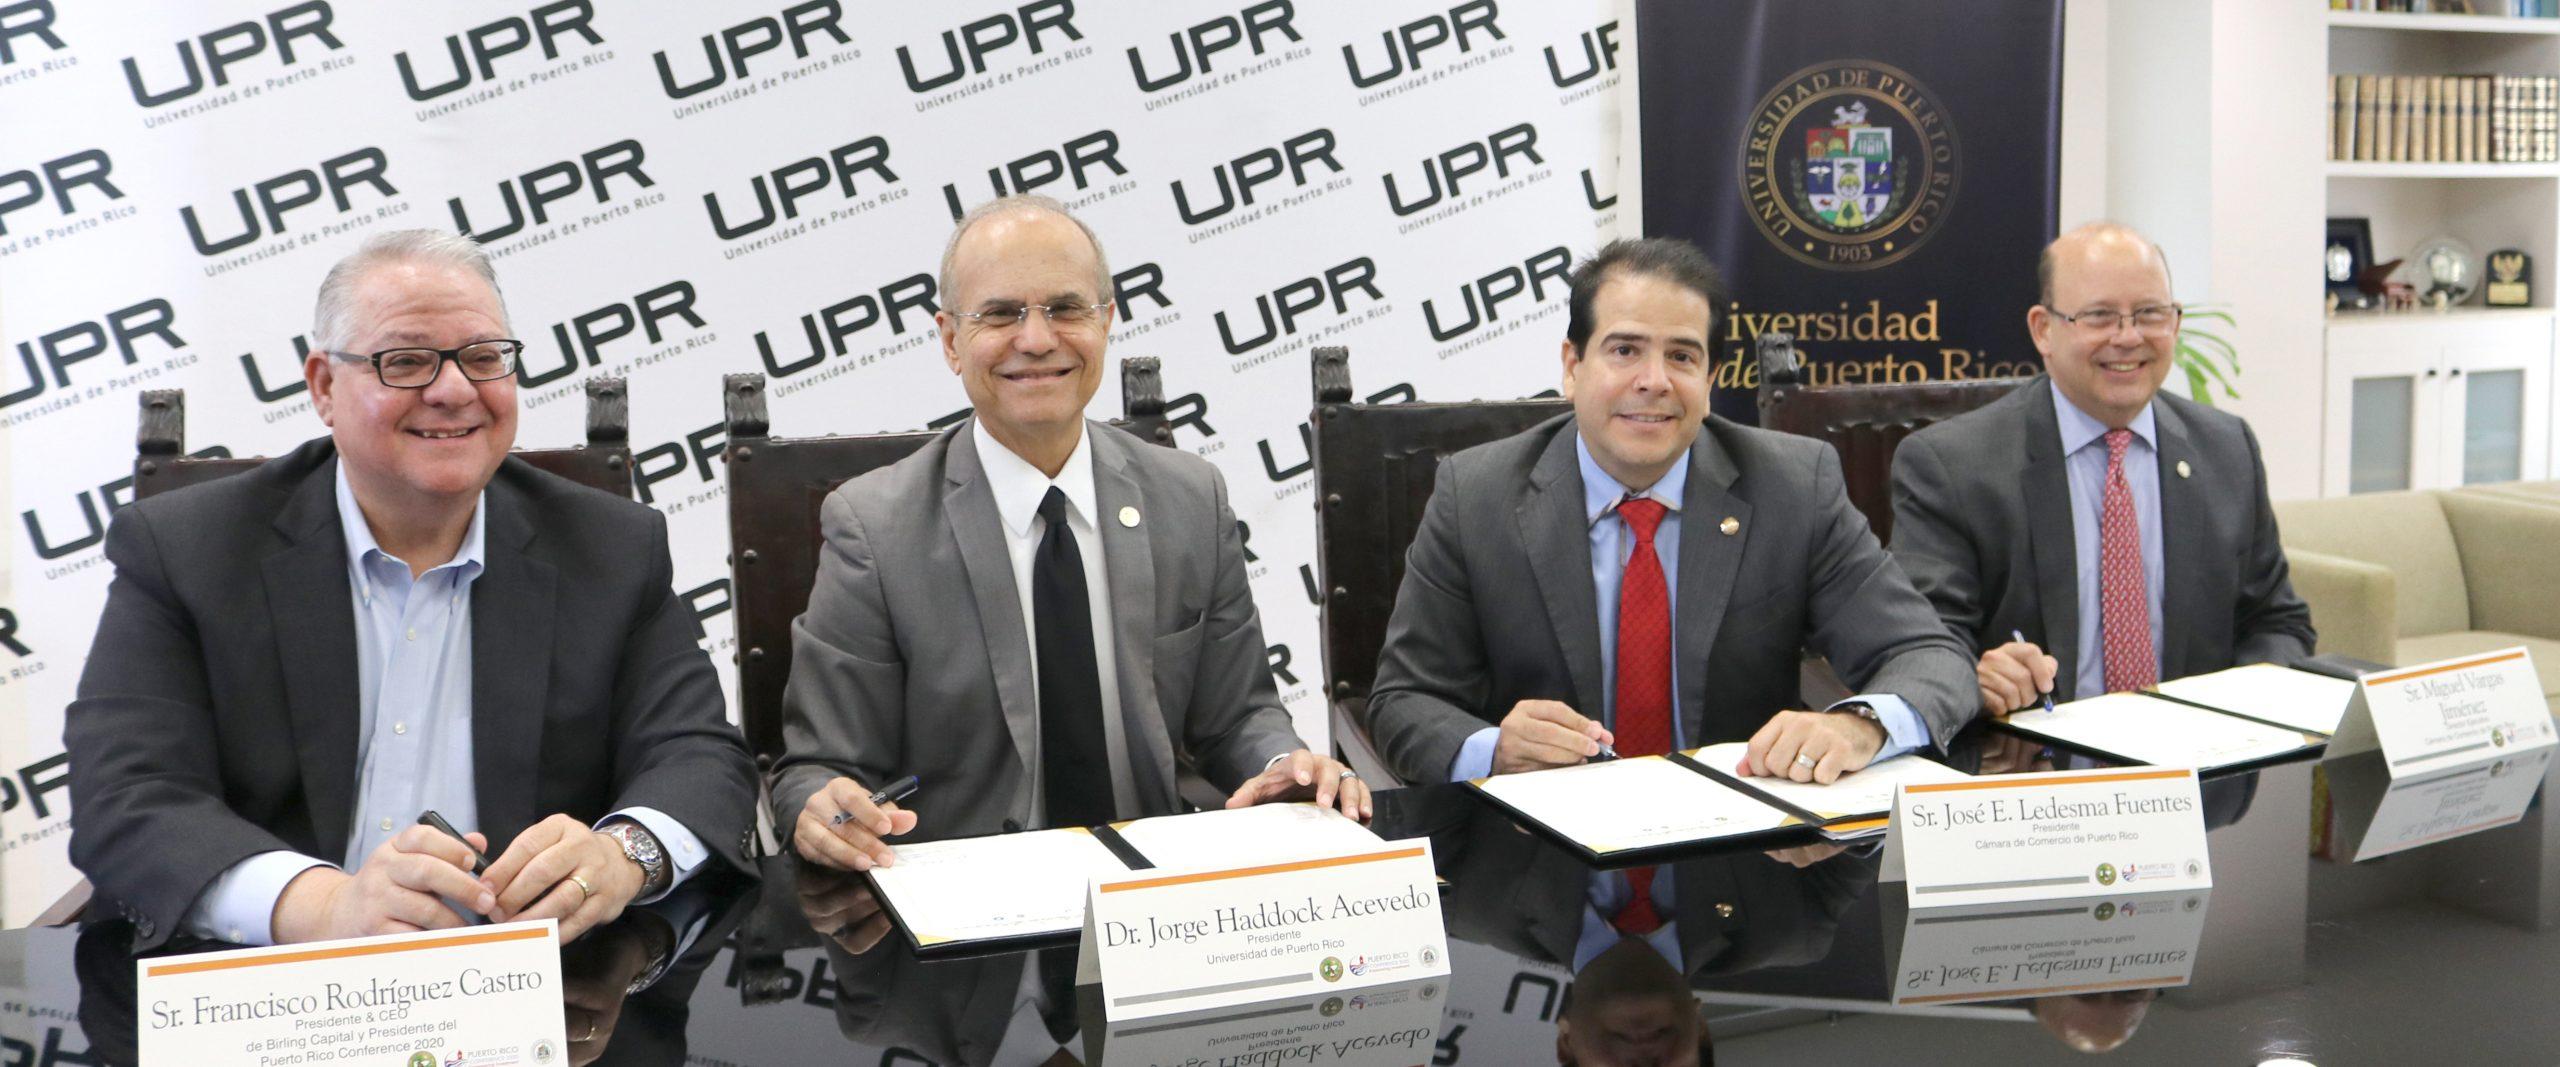 """Universidad de Puerto Rico, Cámara de Comercio de Puerto Rico y Birling Capital firman Memorando de Entendimiento para crear la iniciativa Transformando a Puerto Rico como parte del """"Puerto Rico Conference 2020"""""""